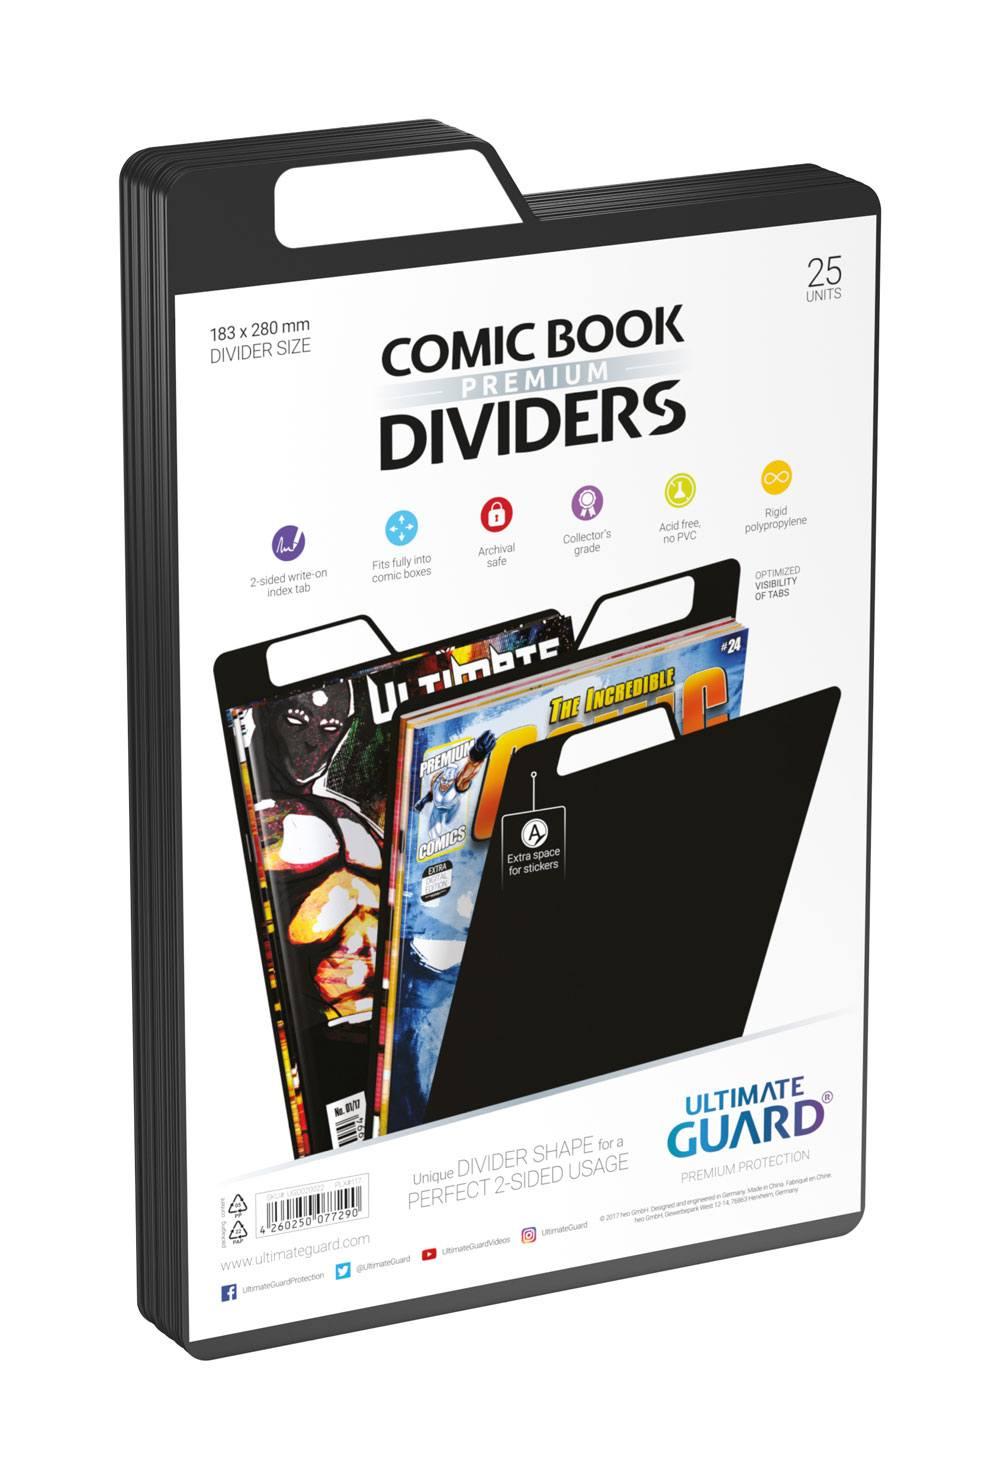 Photo du produit Ultimate Guard 25 intercalaires pour Comics Premium Comic Book Dividers Noir